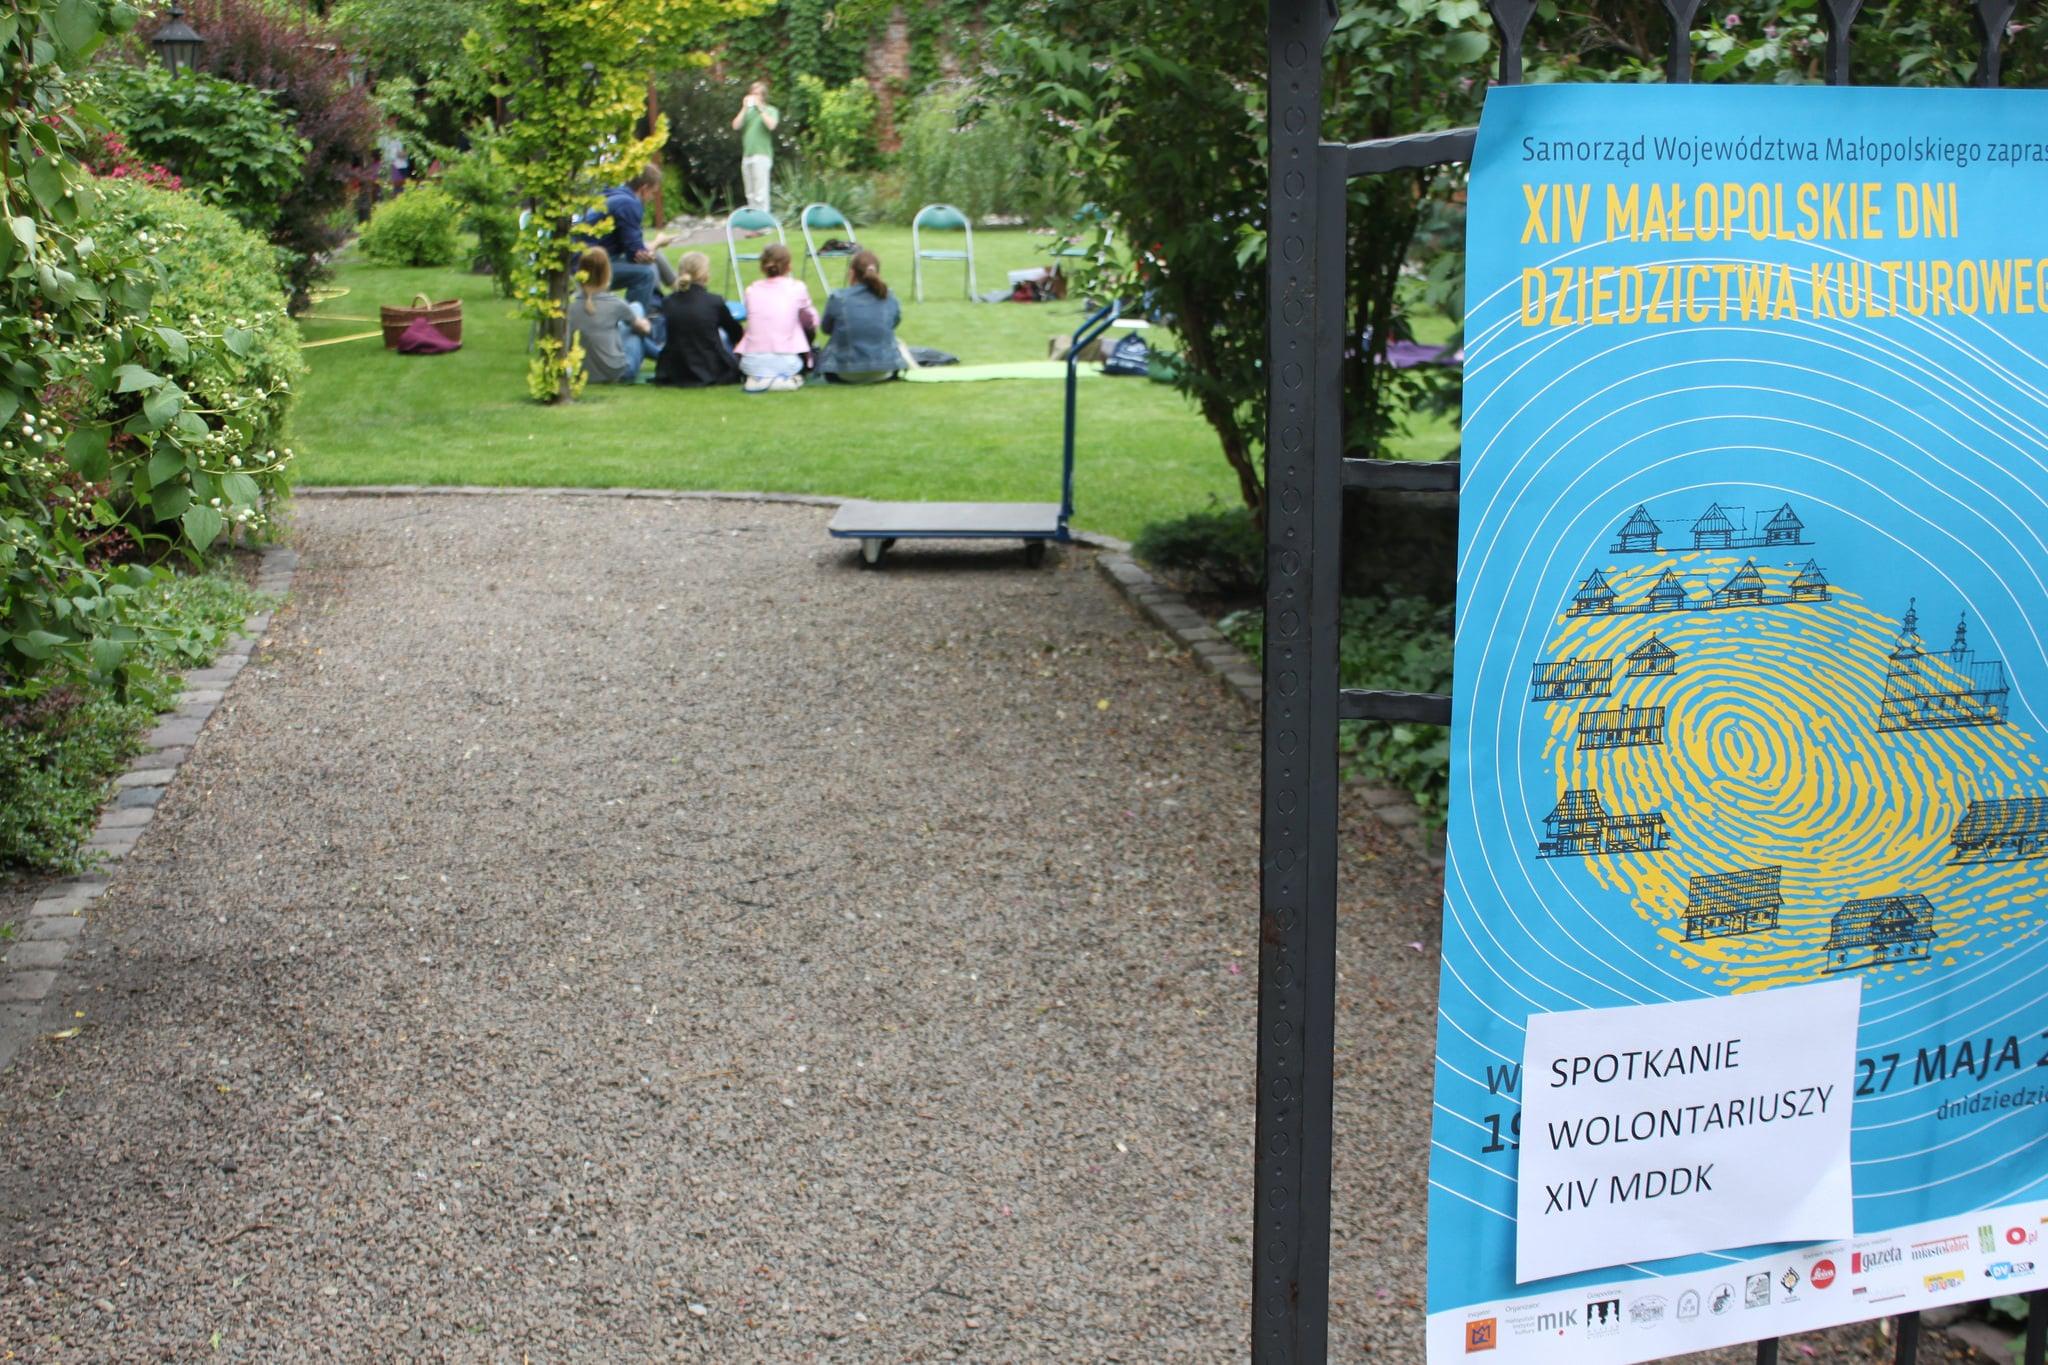 Spotkanie ewaluacyjne wolontariuszy Dni Dziedzictwa 2012, fot. P. Knaś, (MIK, 2012) CC BY SA 3.0